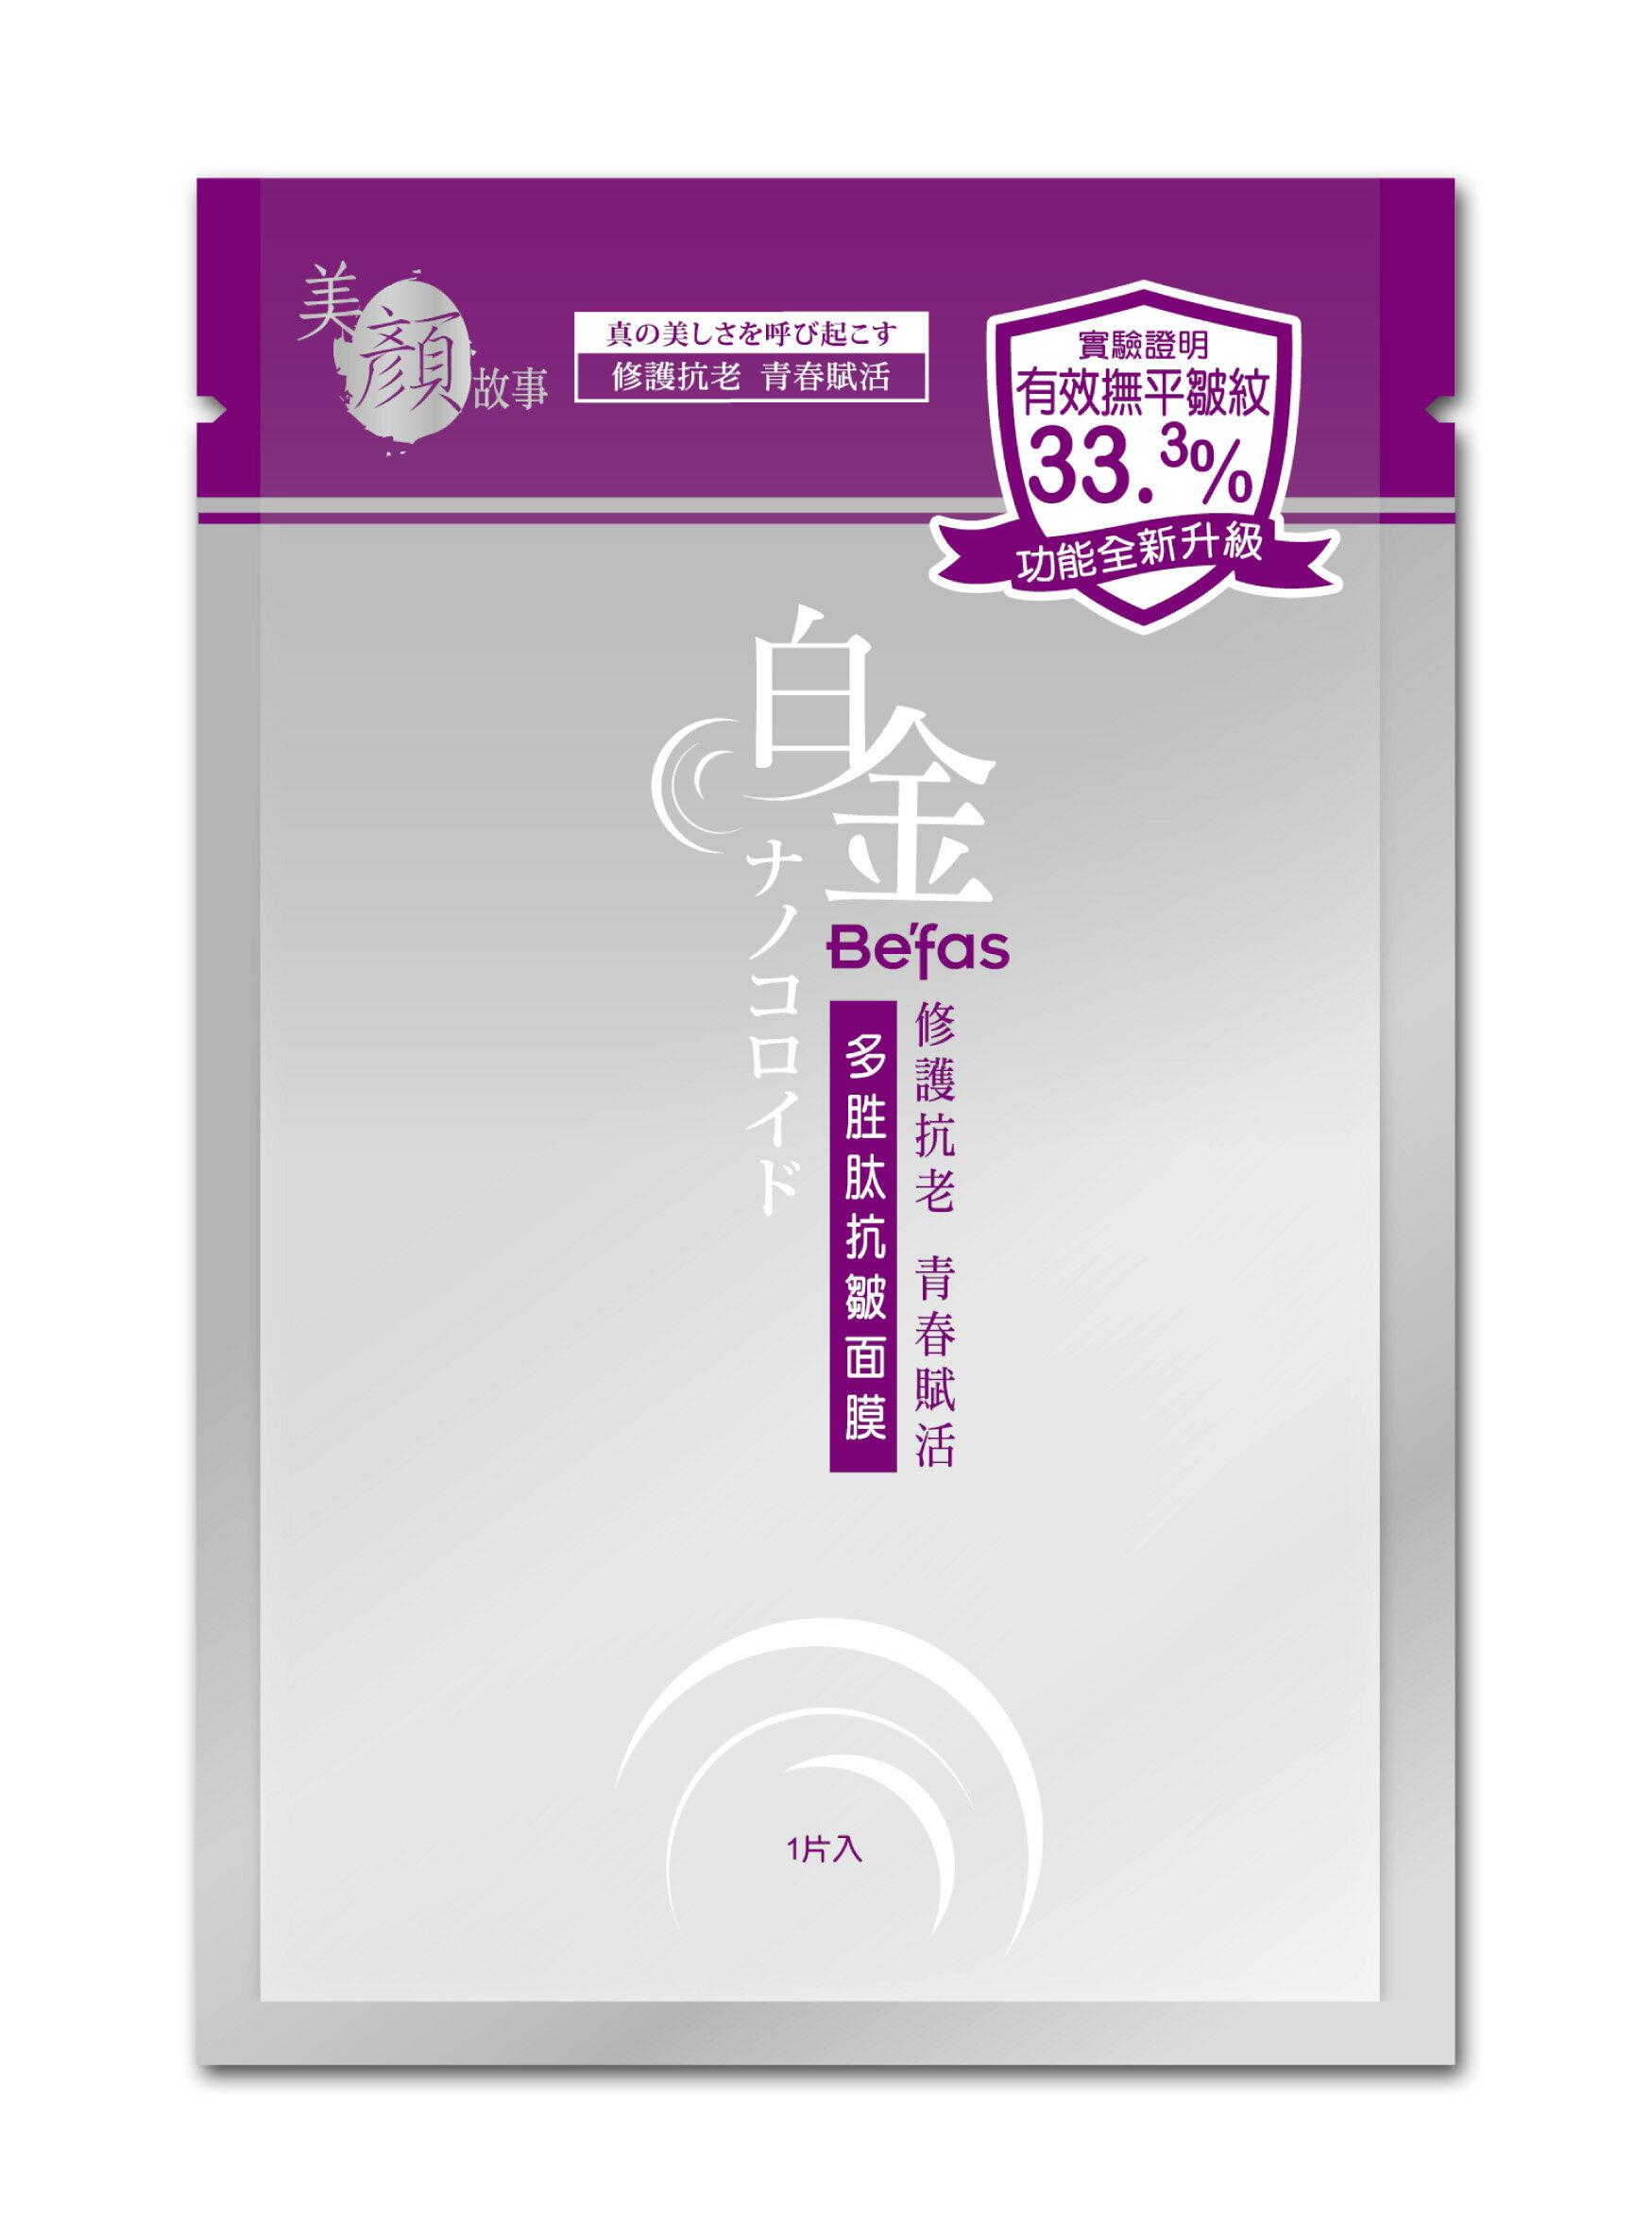 【即期良品】【美顏故事】Befas白金多胜?抗皺面膜4入/盒(獨特機能隱形面膜)(期效:2017/6/15)